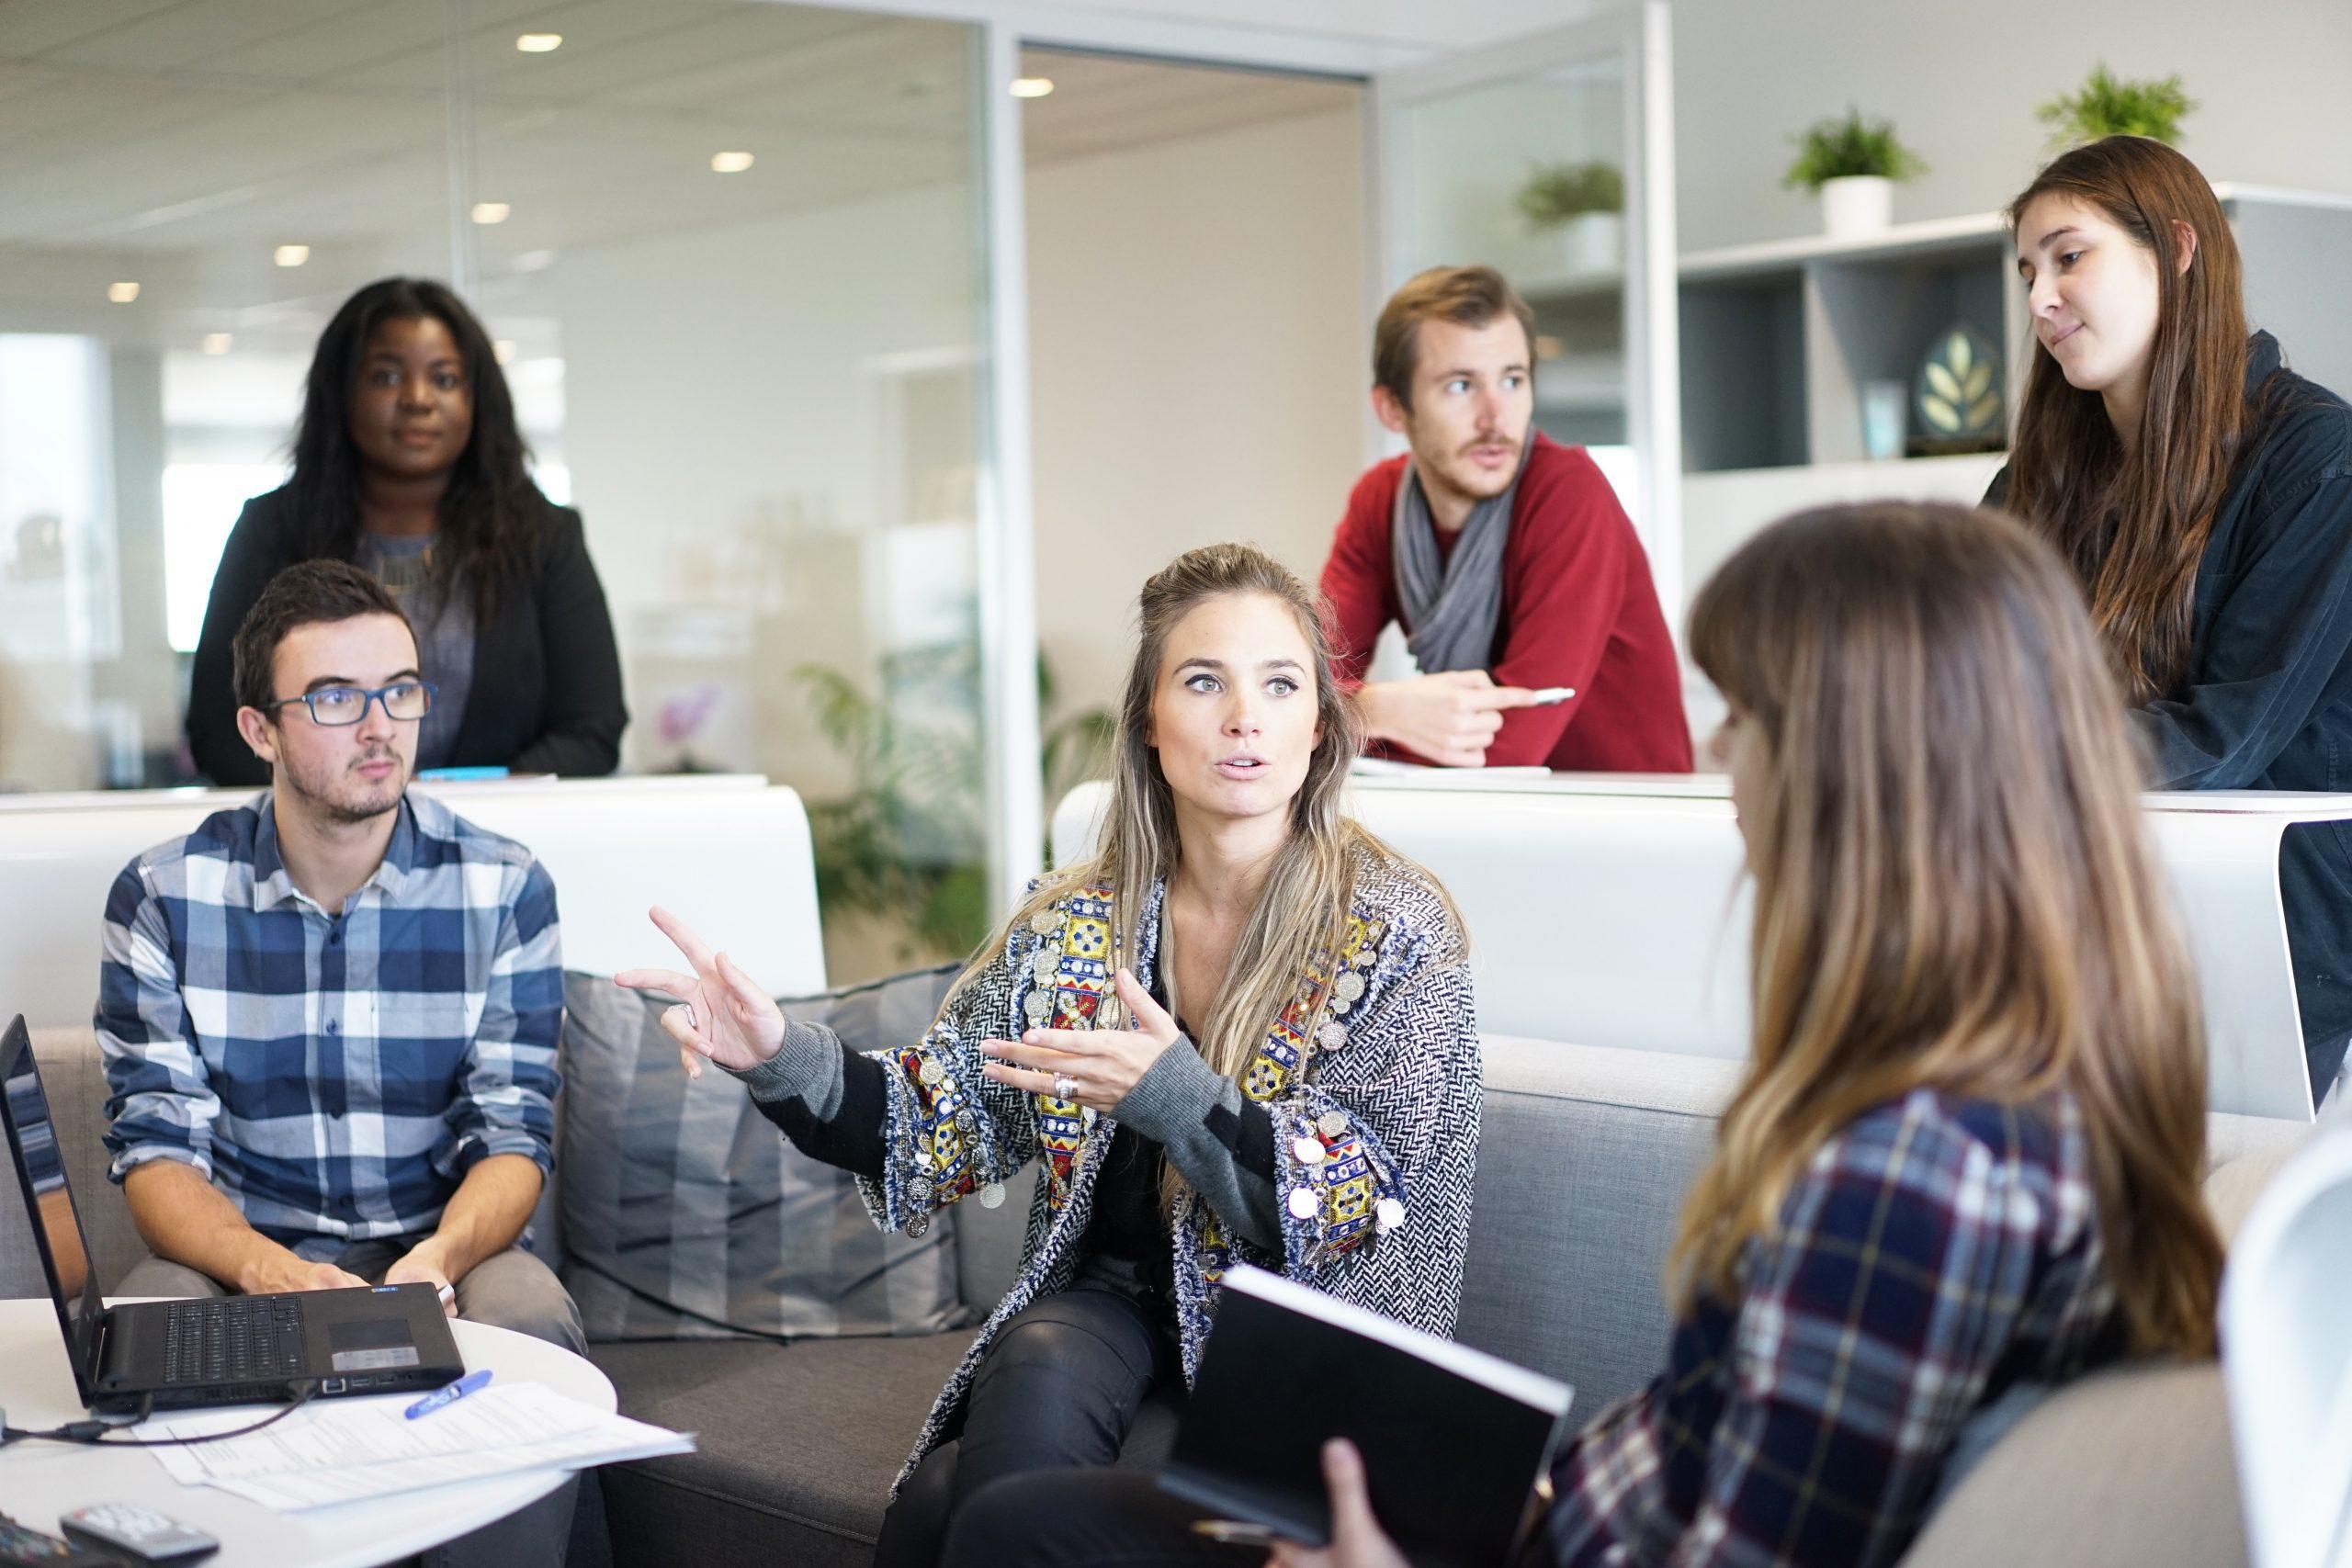 Eine Gruppe junger Menschen diskutiert fröhlich